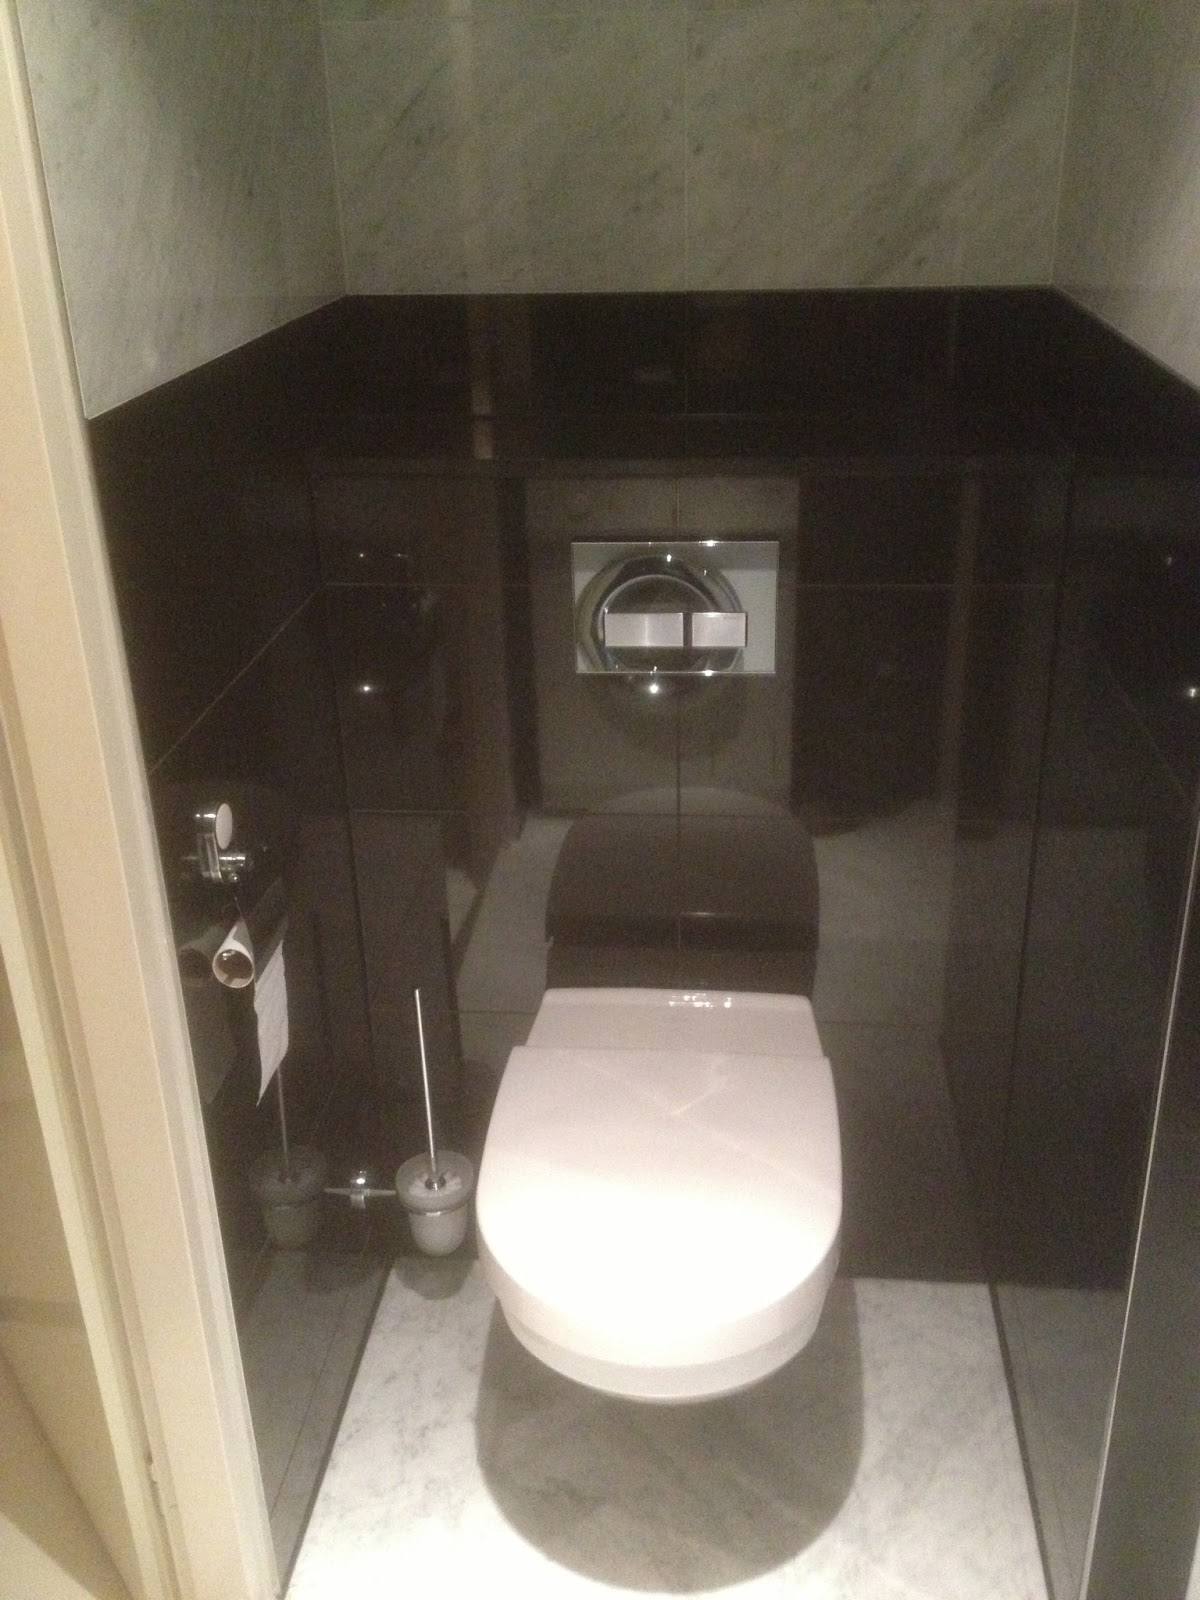 Vandenboombouw natuurstenen badkamer renovatie - Renovatie wc ...